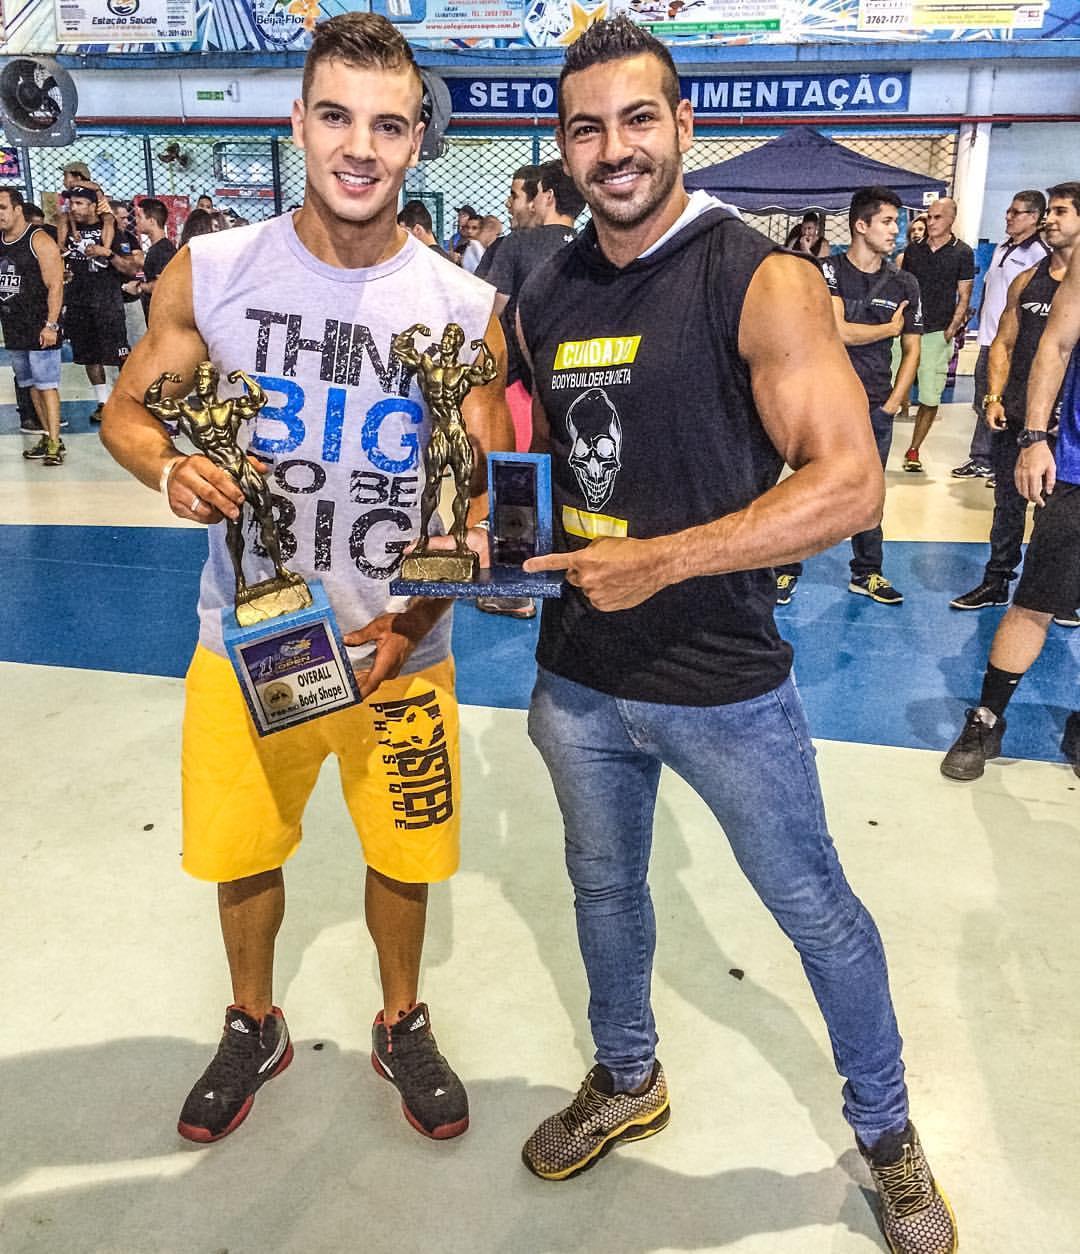 Igor Kreischer recebe os parabéns do atleta Men's Physique Breno Neves. Foto: Arquivo pessoal'